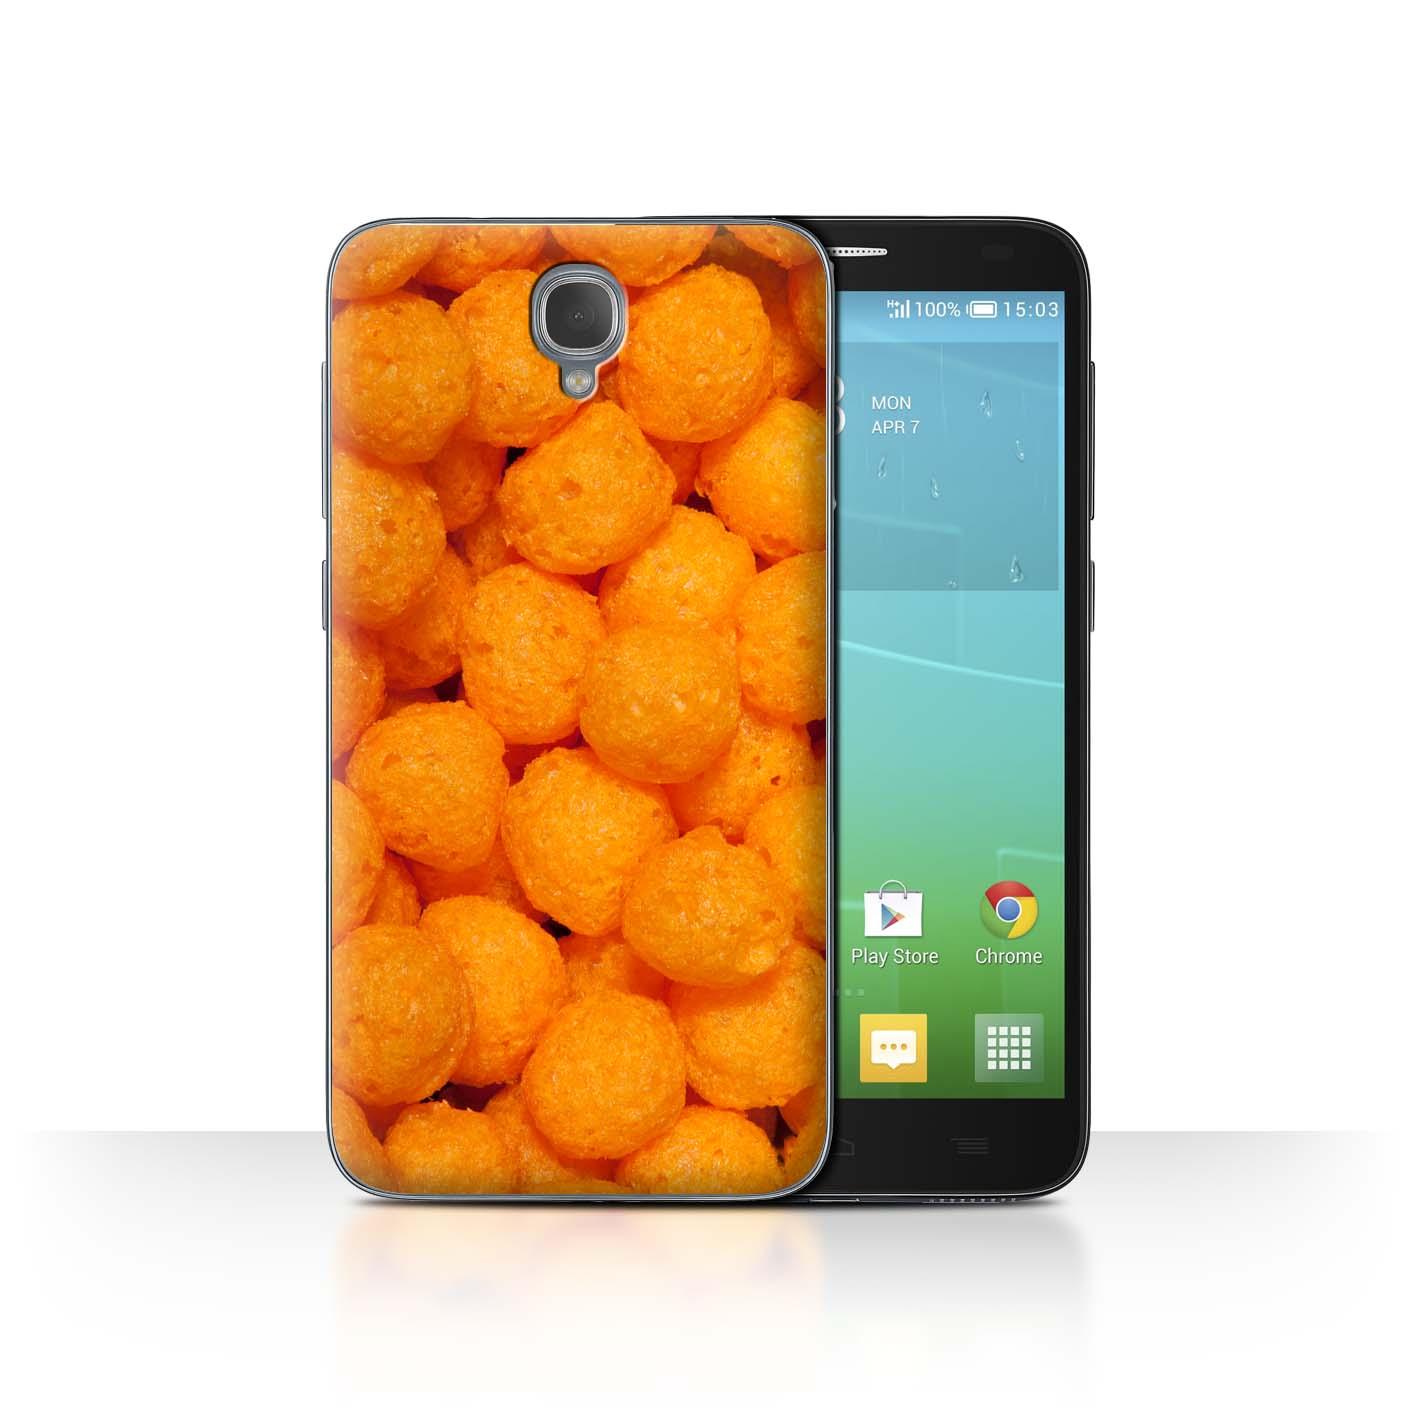 STUFF4-Back-Case-Cover-Skin-for-Alcatel-Idol-2-Snacks